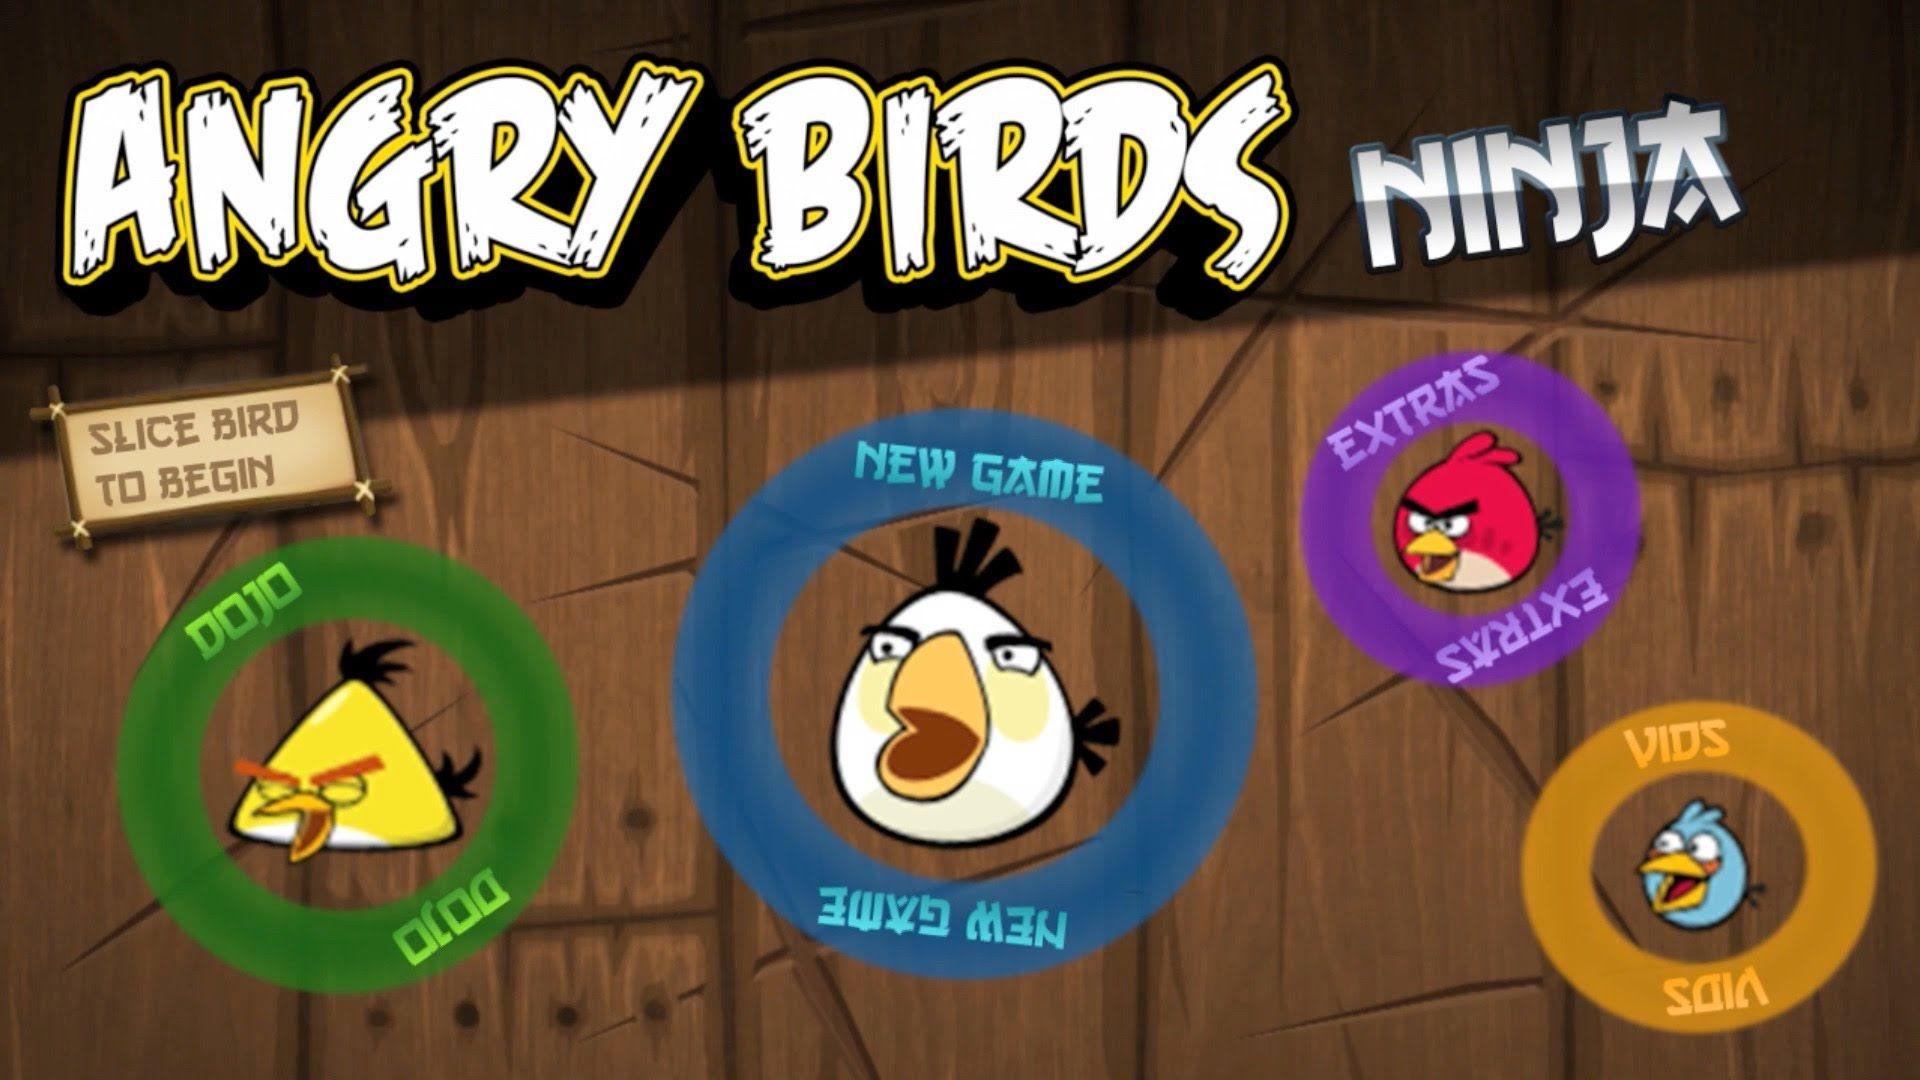 Ninja Angry Birds Ninja Angry Birds is a free flash game